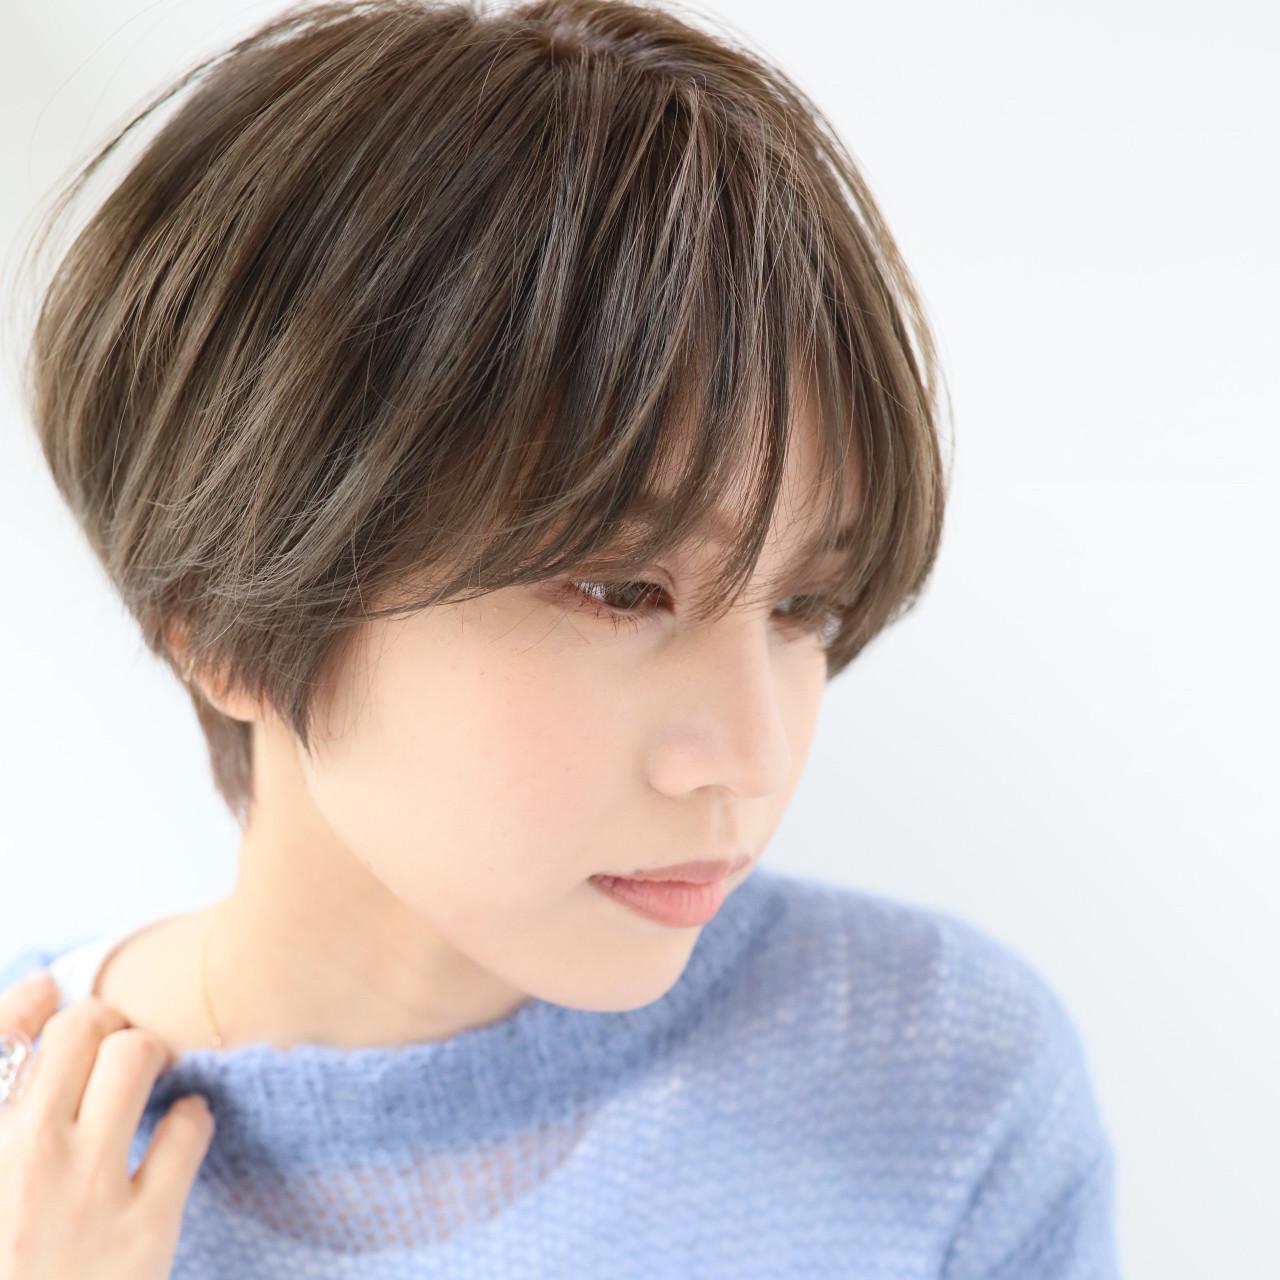 ナチュラル 大人女子 ショート 外国人風カラー ヘアスタイルや髪型の写真・画像 | 田中 秀樹 / gallaria elegante 名駅